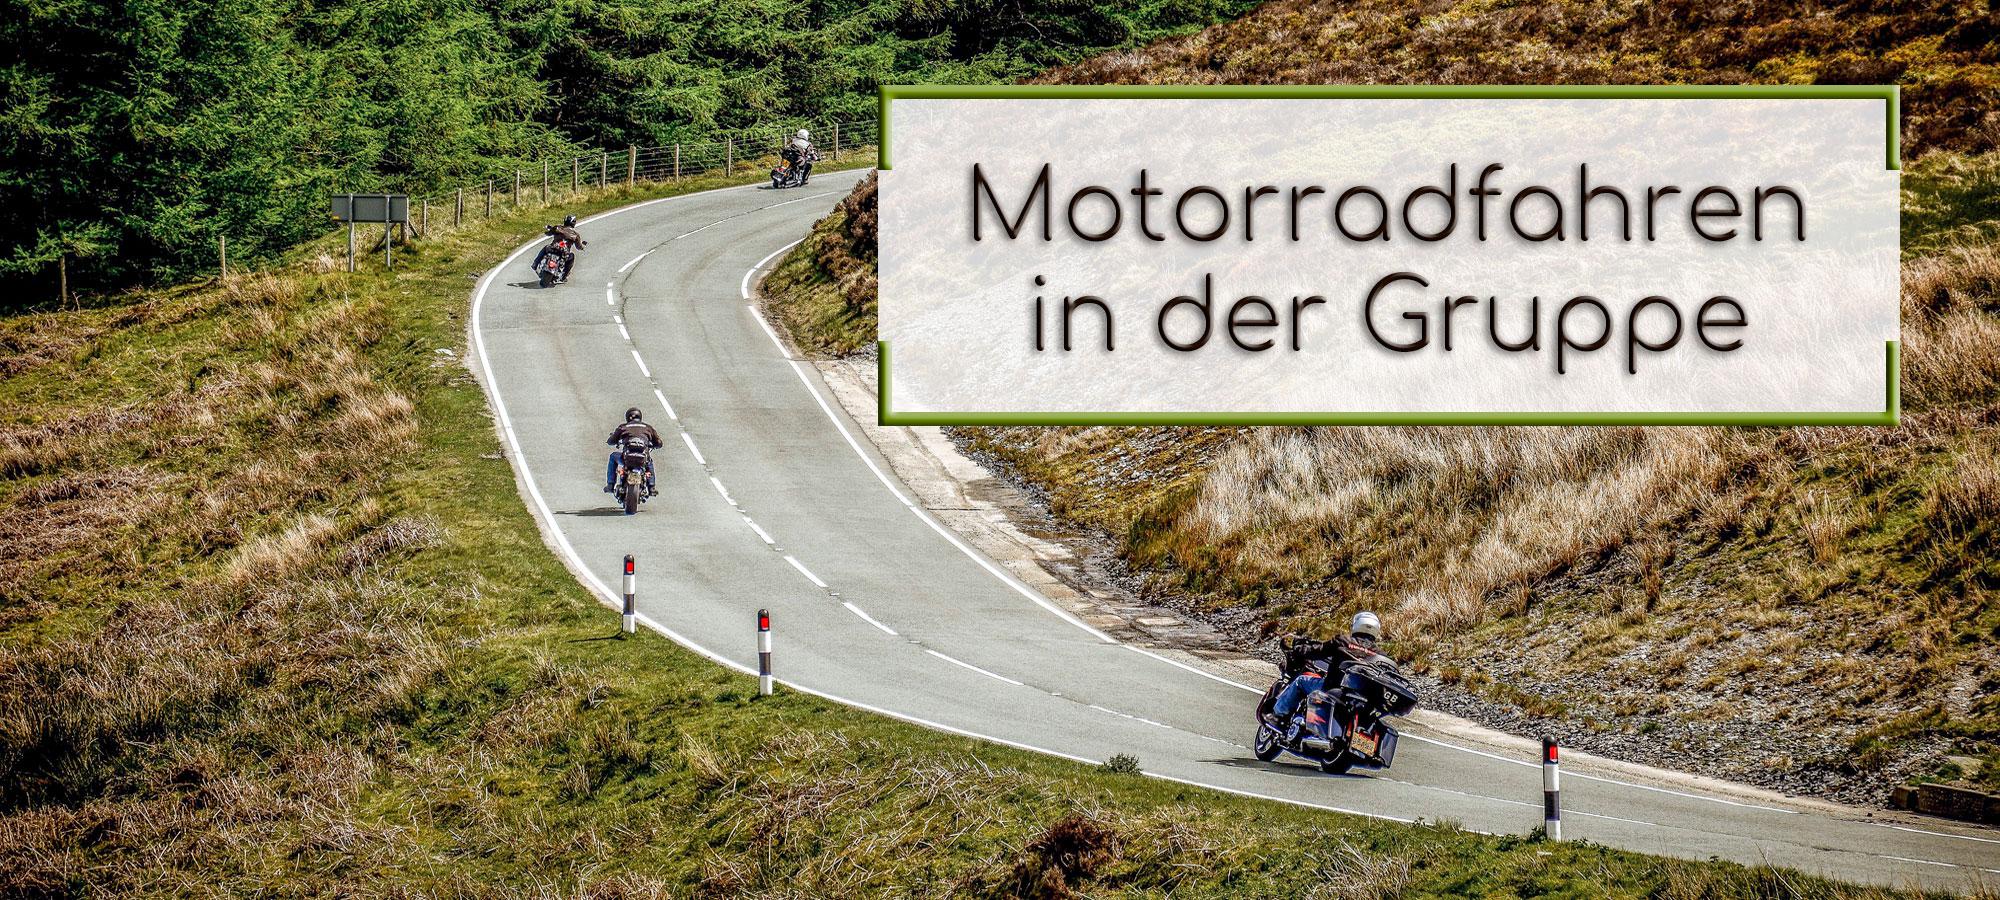 Auf einer Kurve, in einer hugeligen Landschaft, fahren vier Motorräder hintereinander. Im textfeld steht geschrieben: Motorradfahren in der Gruppe.